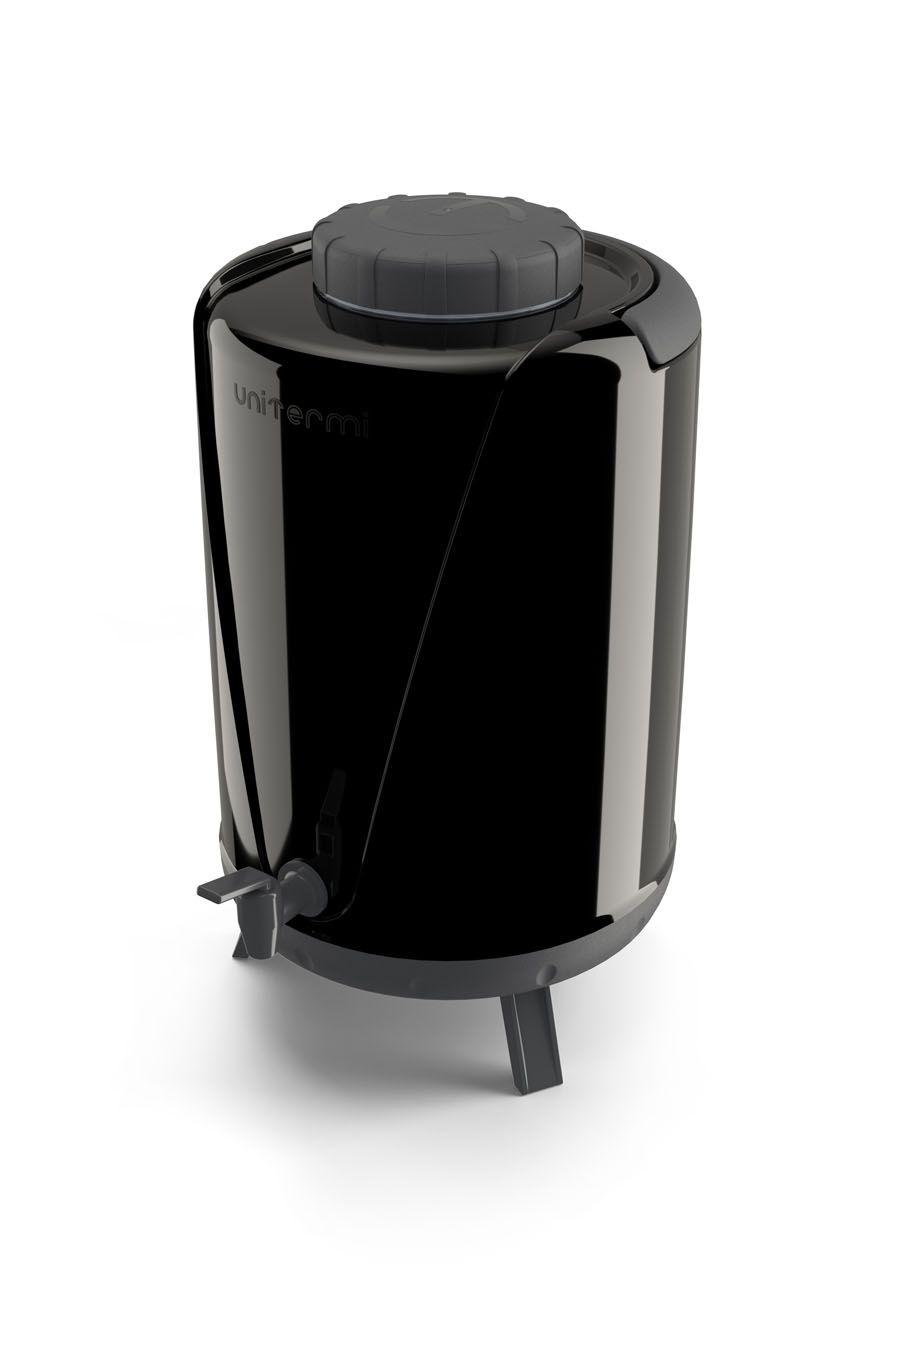 Garrafa Térmica 10 Litros Tambor Botijão Galão Com Torneira , pezinho e alça